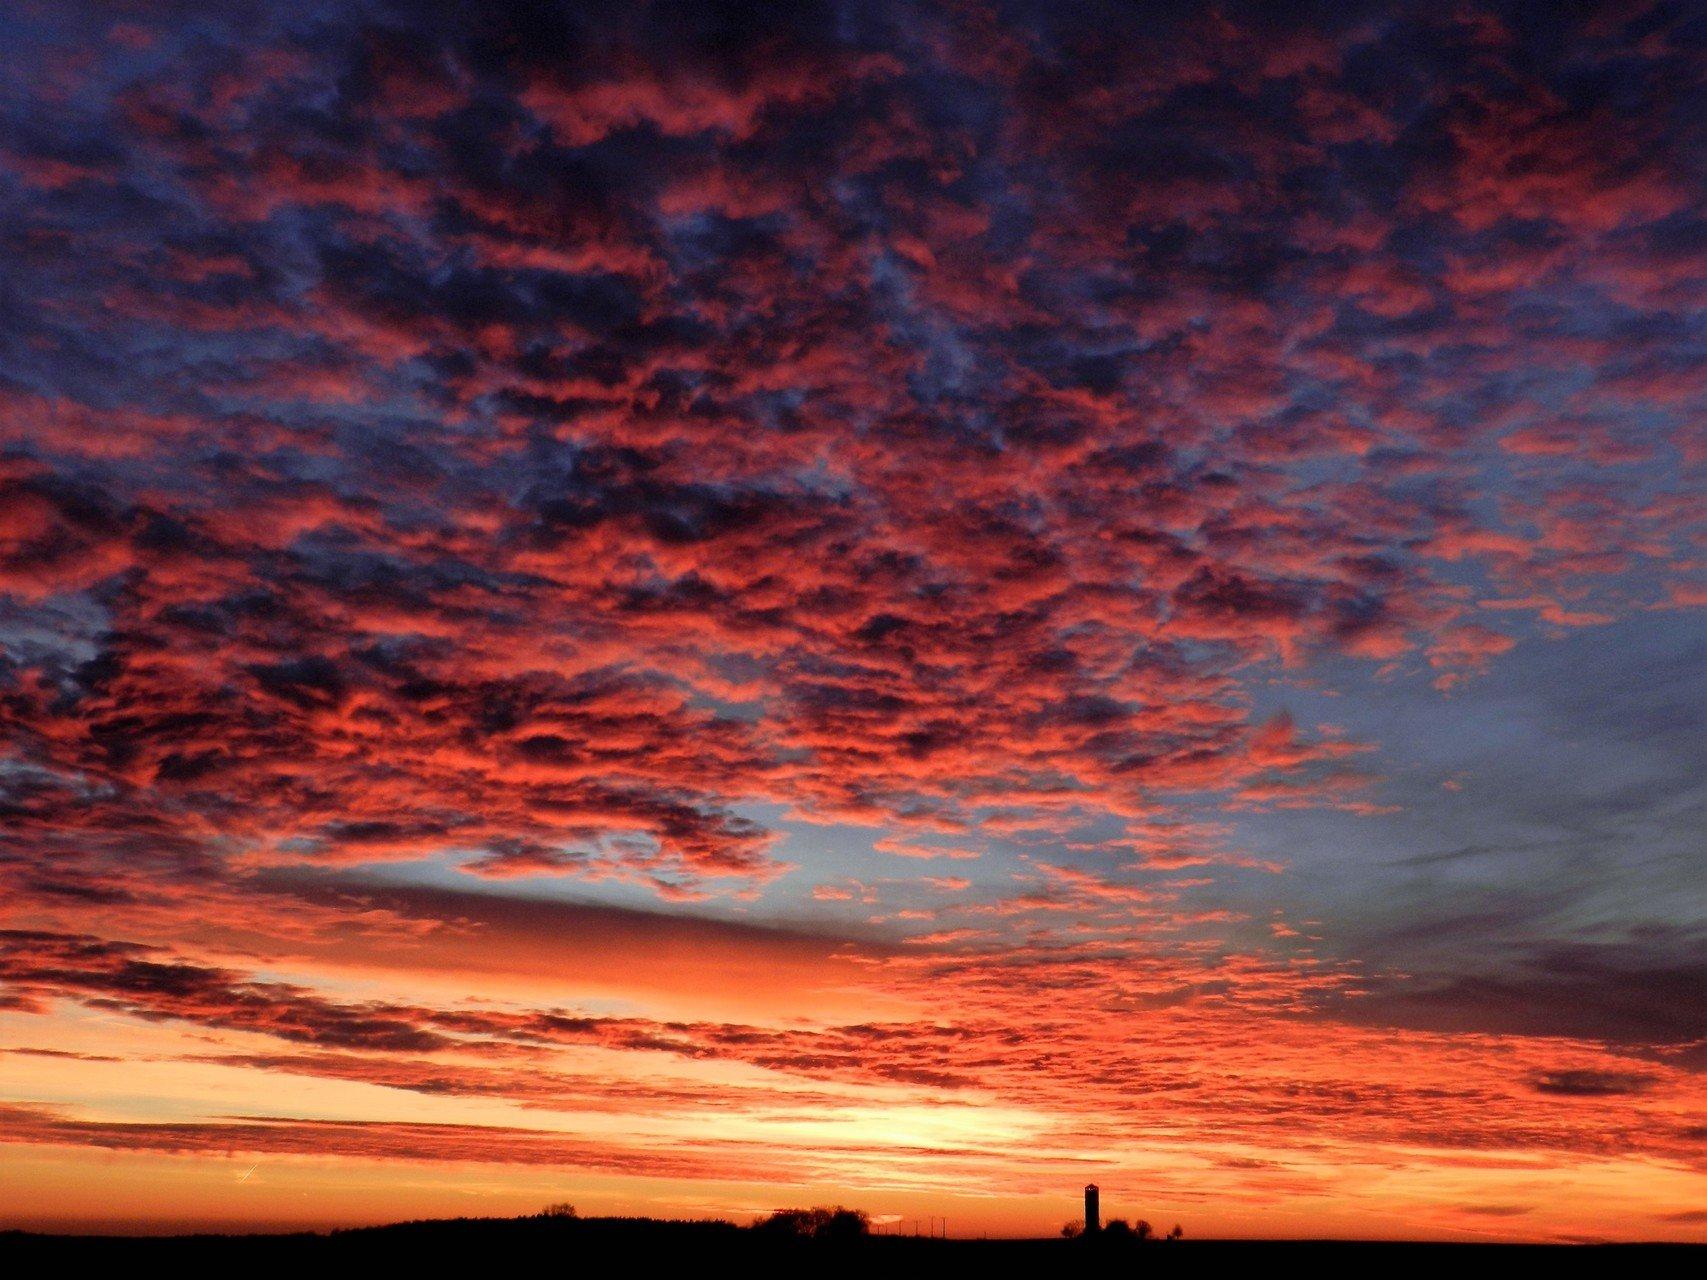 Ein Sonnenuntergang mit einigen Wolken am rot-orange-gelb-blau leuchtenden Himmel. Am Horizont ist die Silhoutte eines Turms und mehreren Bäumen.